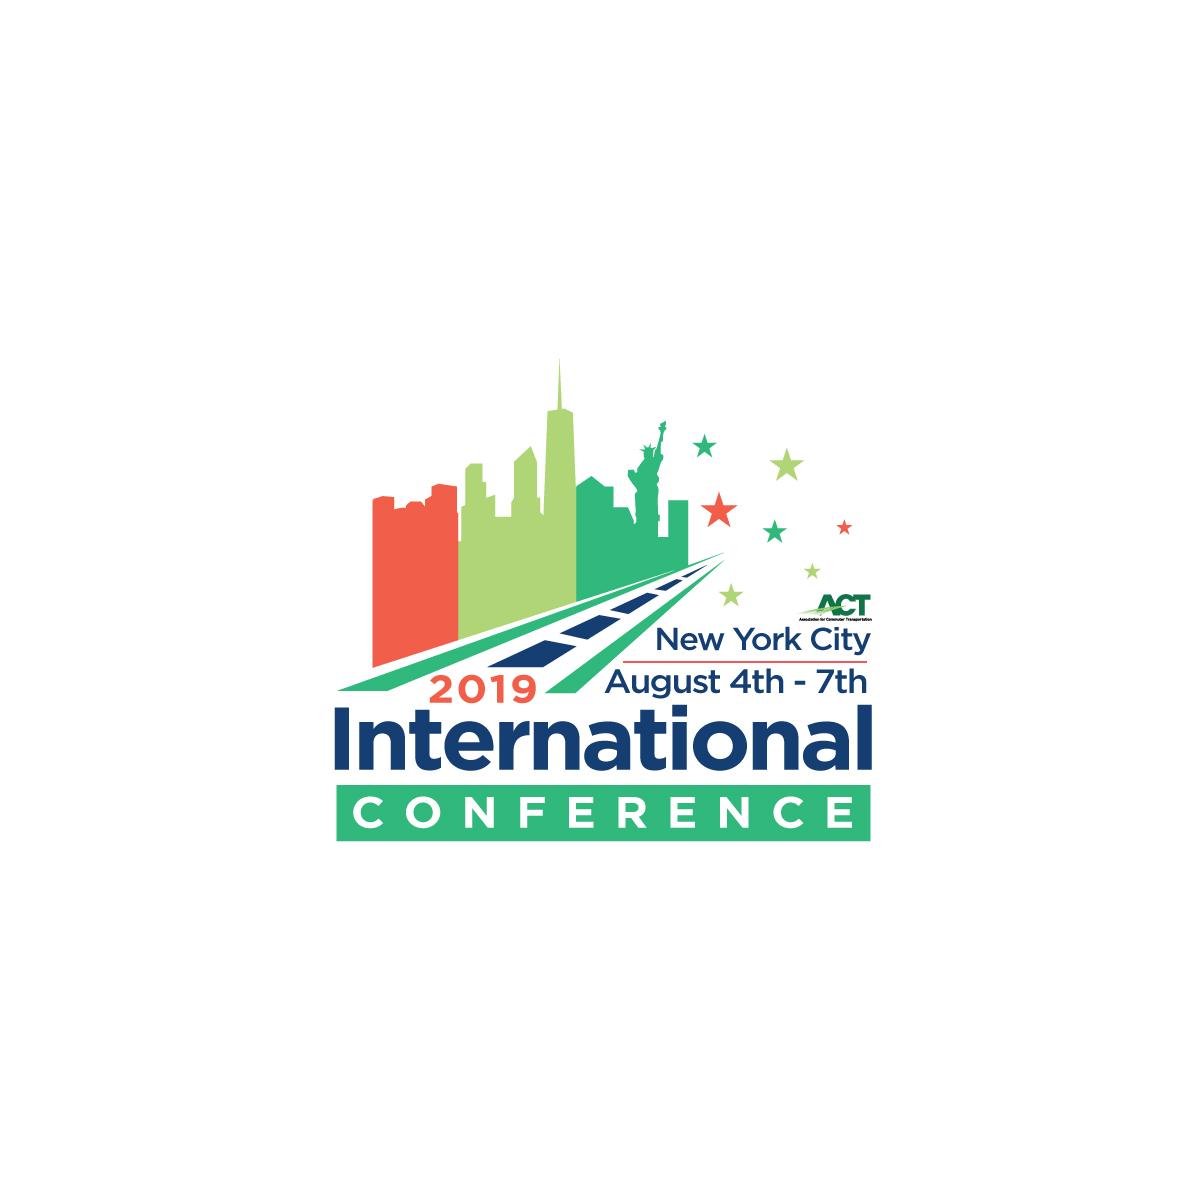 Bold, Playful Logo Design for 2019 International Conference